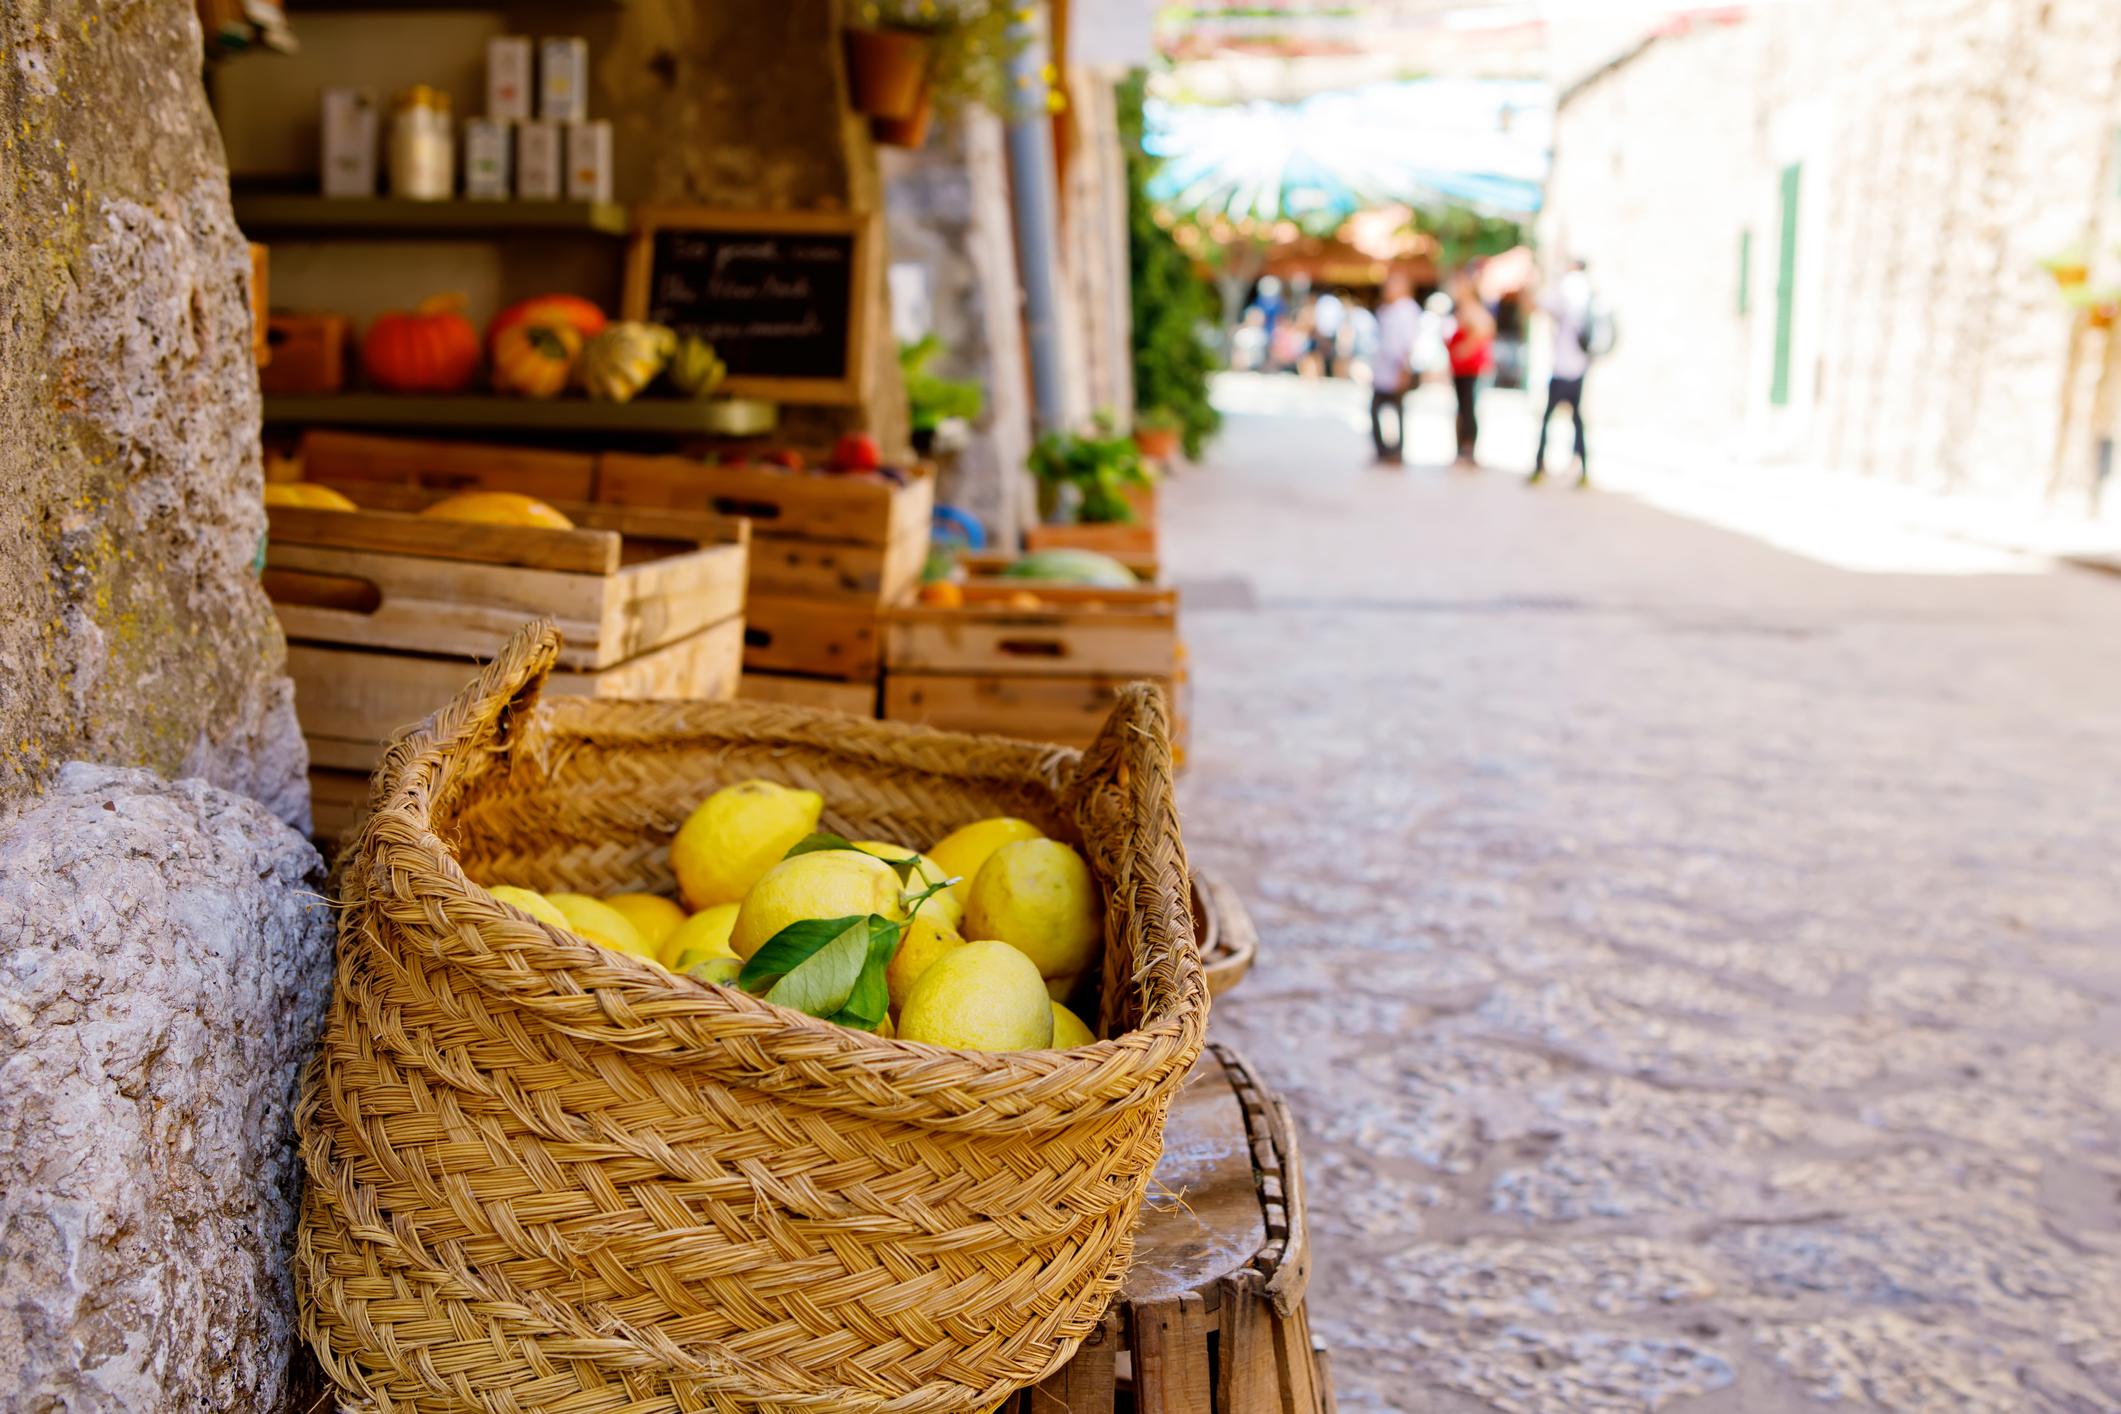 Ripe lemons in a wicker basket for sale in a sunny Italian village.